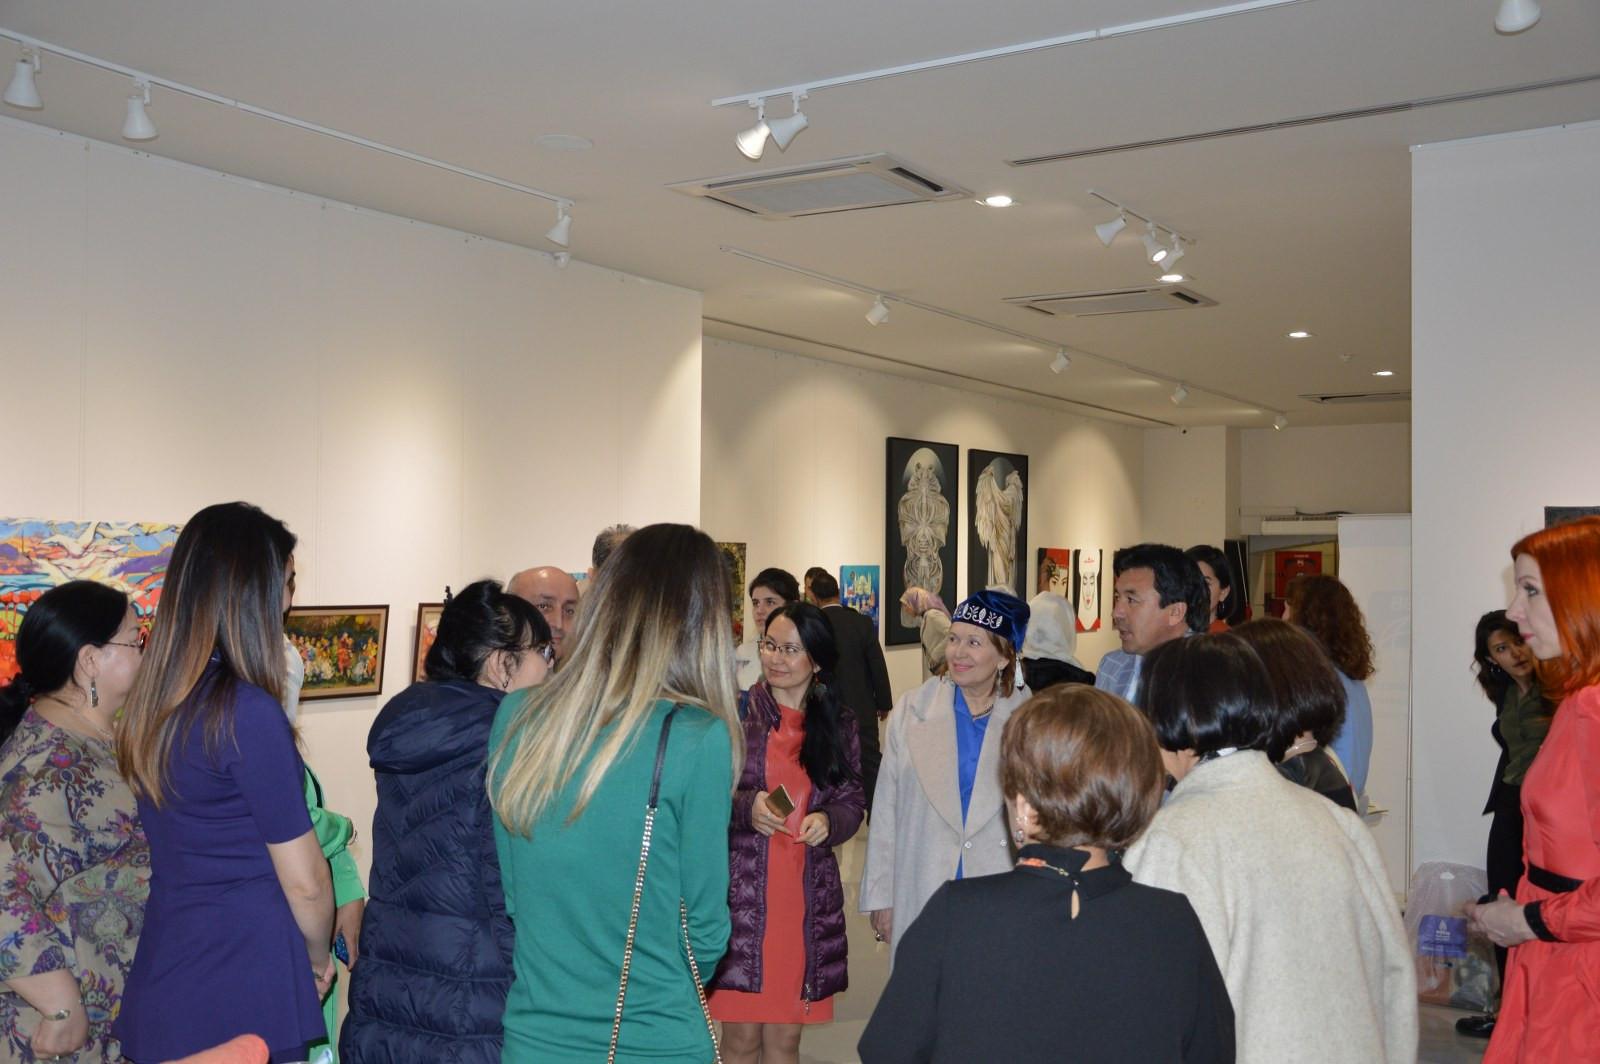 Türk Dünyasından Kadın Sanatçılar İstanbul'da Buluştu Galeri - 21. Resim